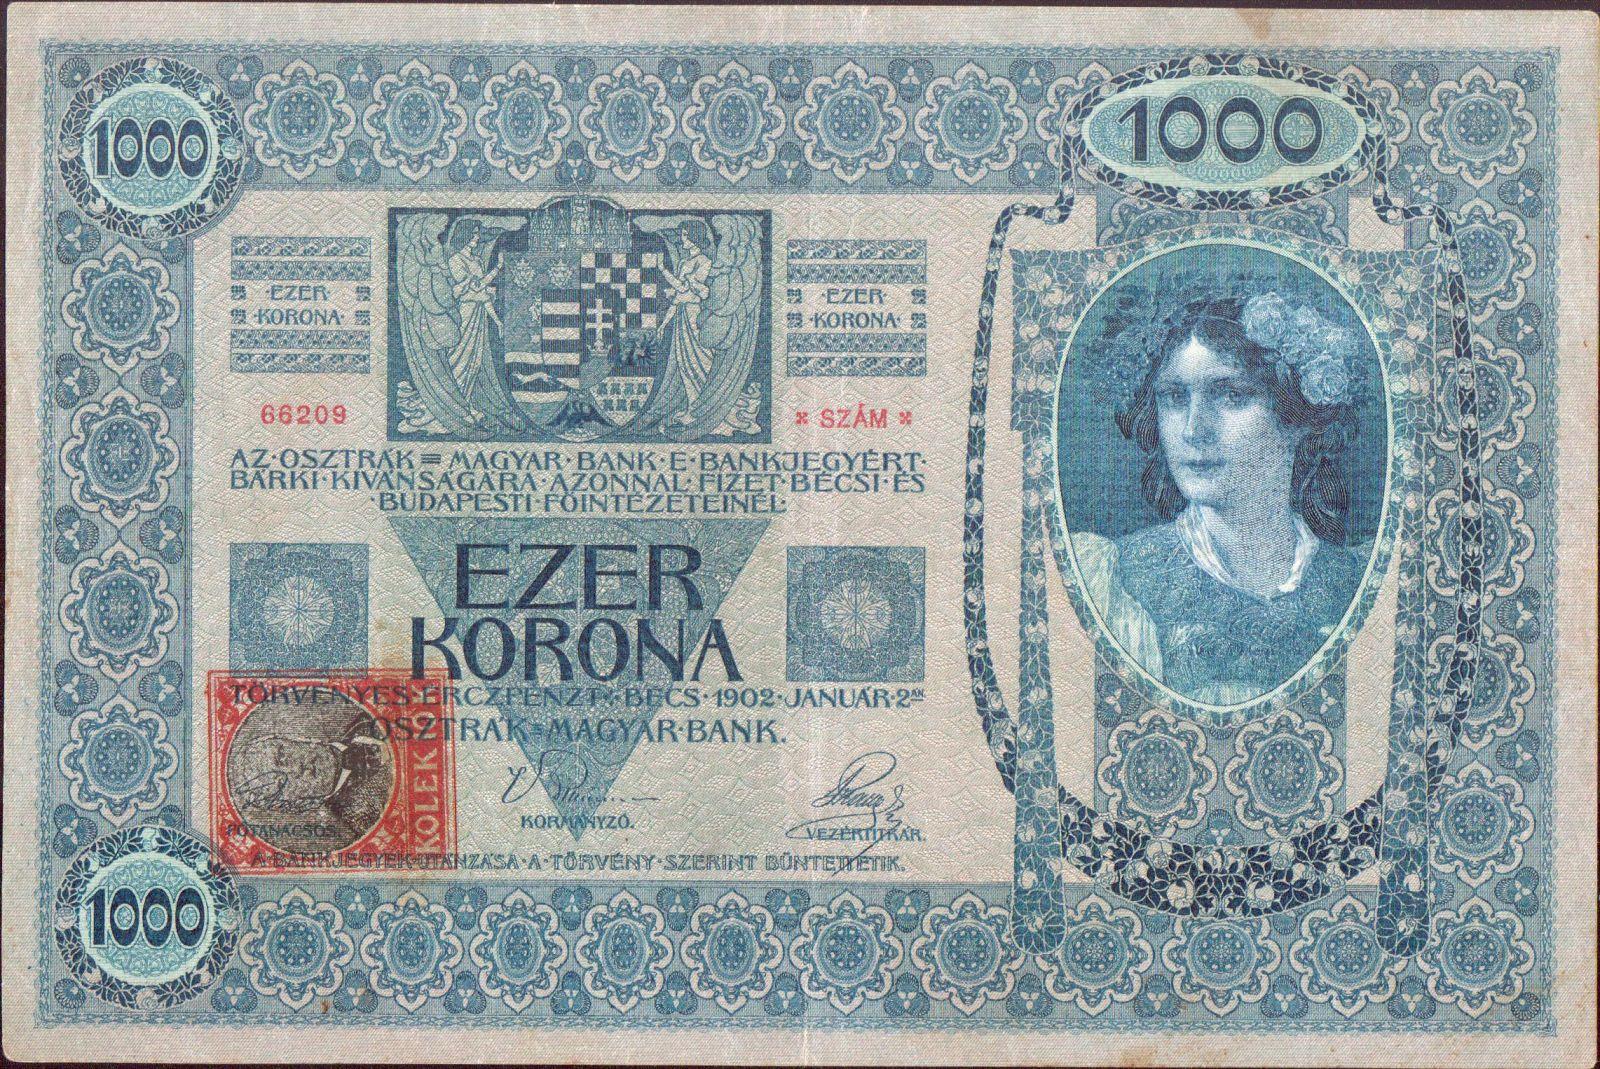 1000Kč/1902-18, kolek ČSR/, stav 1, série 1196, šedý podtisk